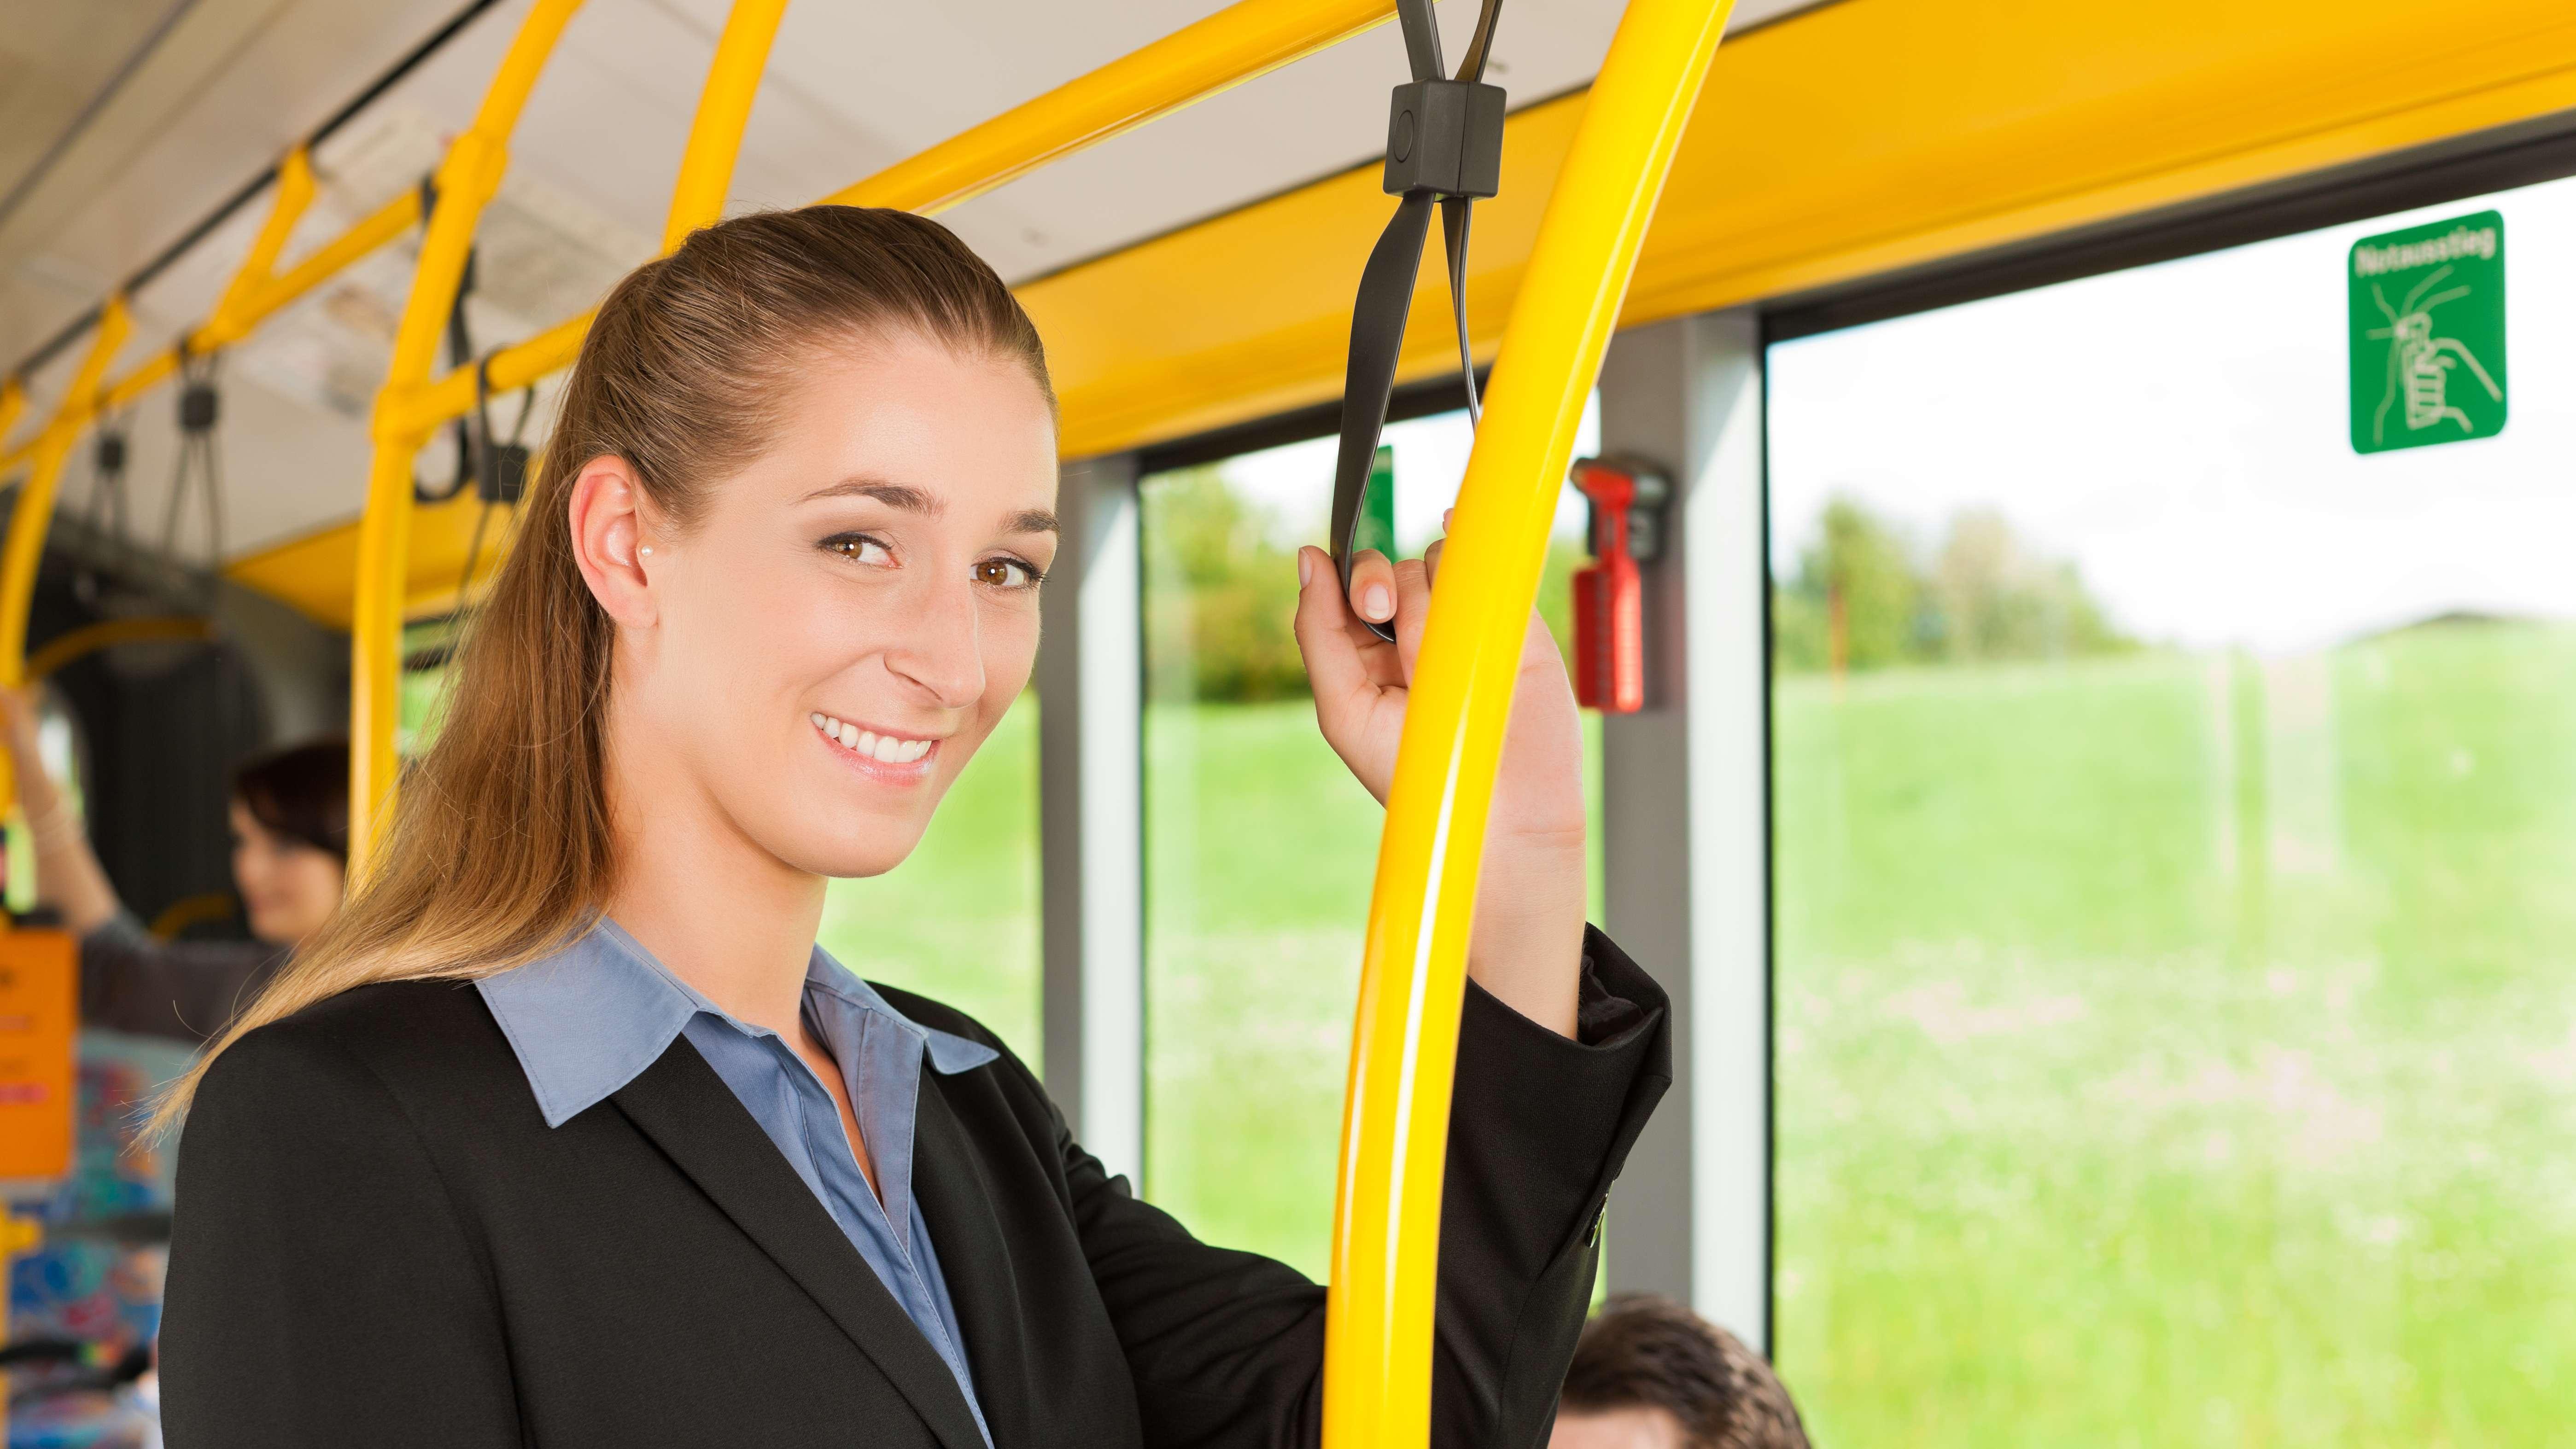 Frau fährt in einem Bus mit